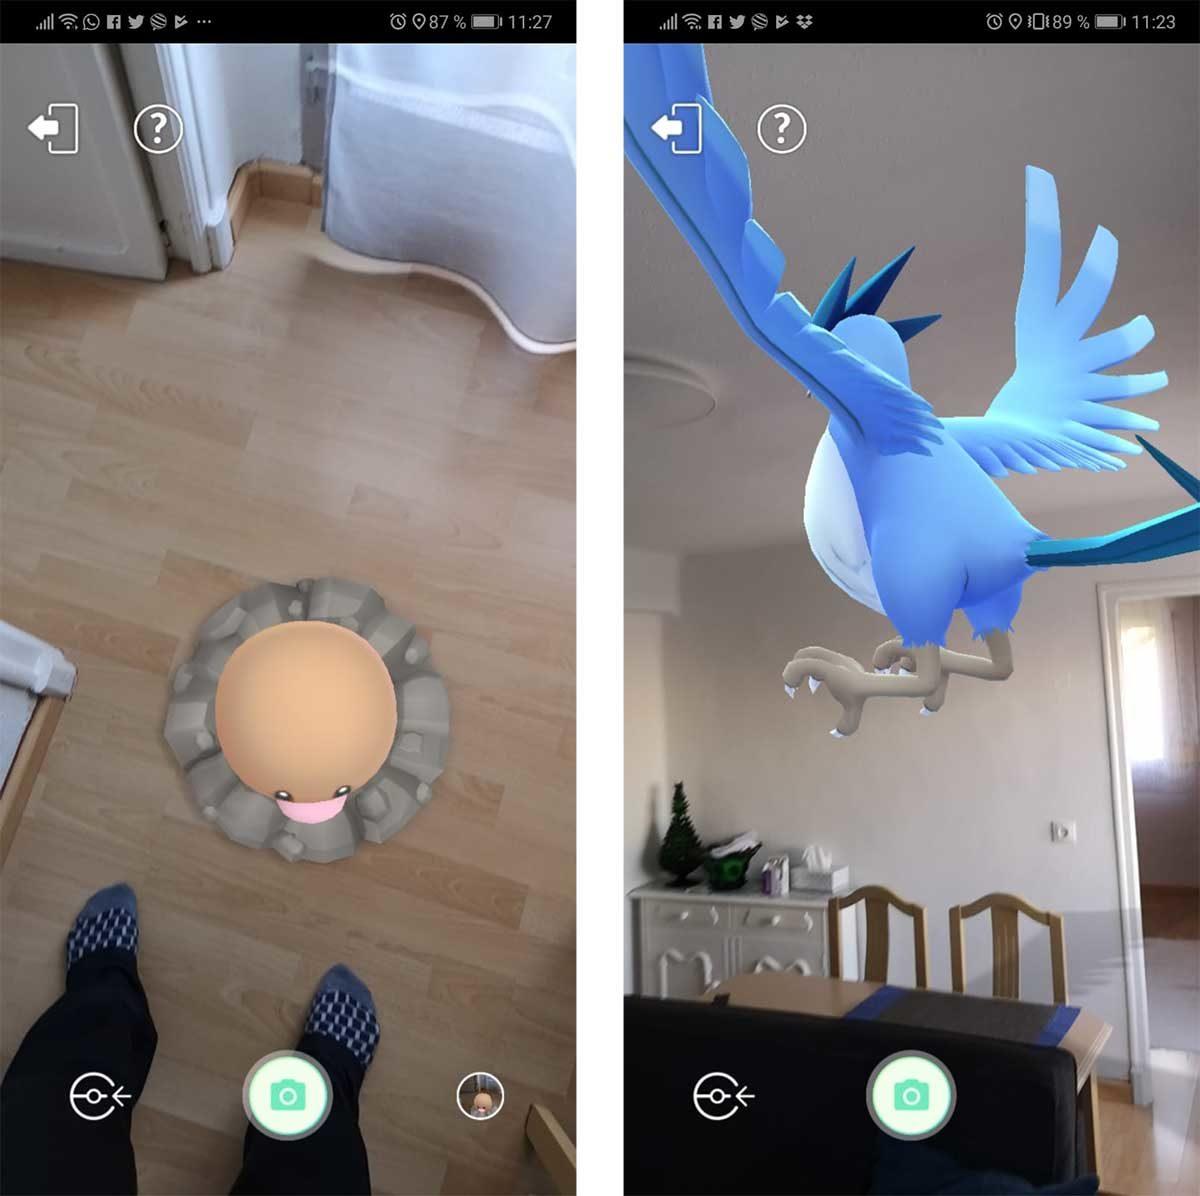 Pokémon GO servicios de google play para ra